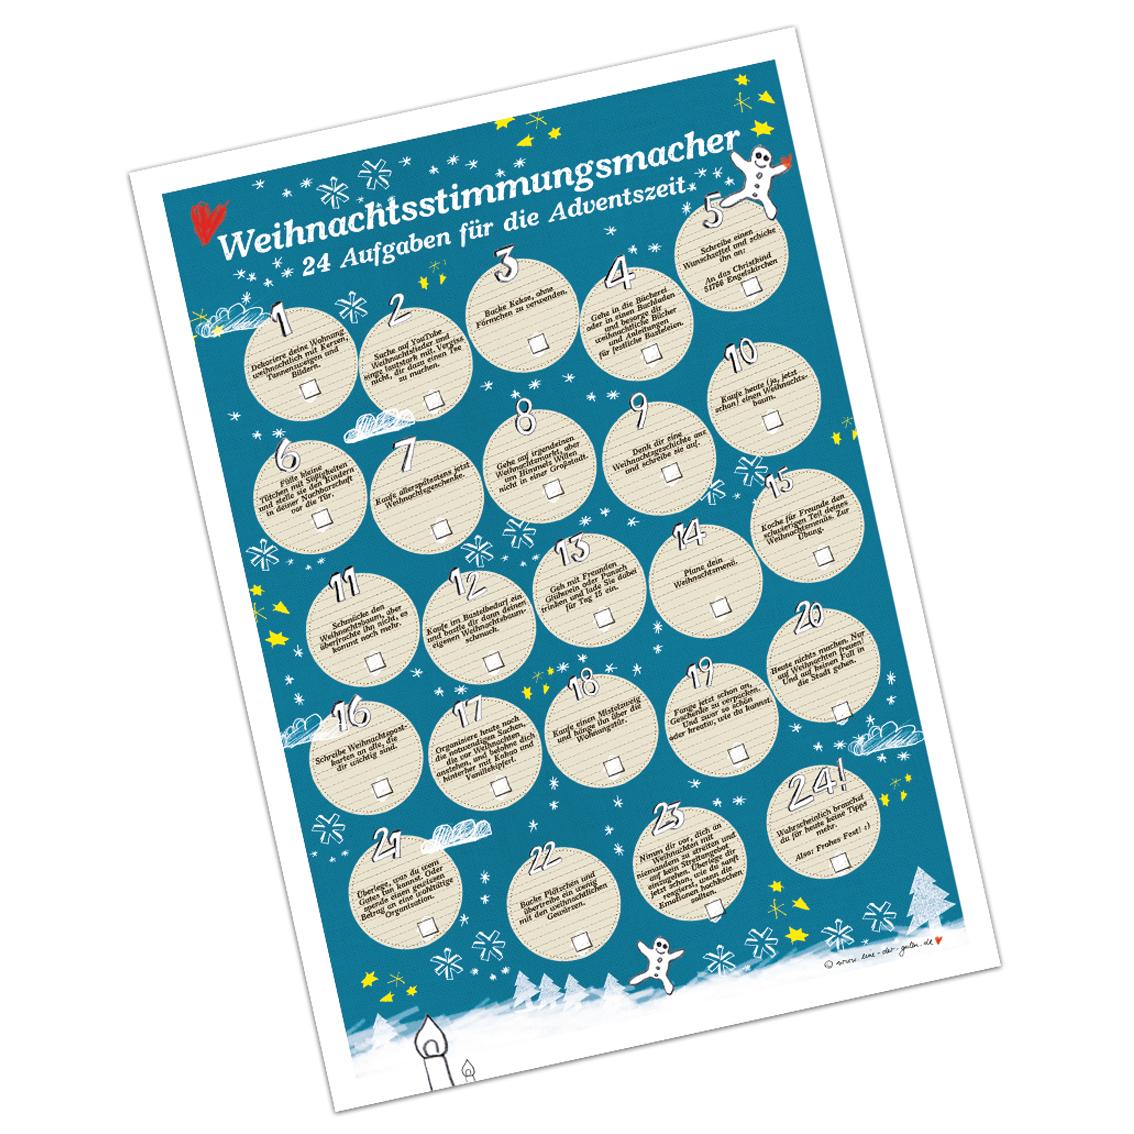 adventskalender weihnachtsstimmungsmacher mit 24 aufgaben f r die adventszeit poster auf. Black Bedroom Furniture Sets. Home Design Ideas